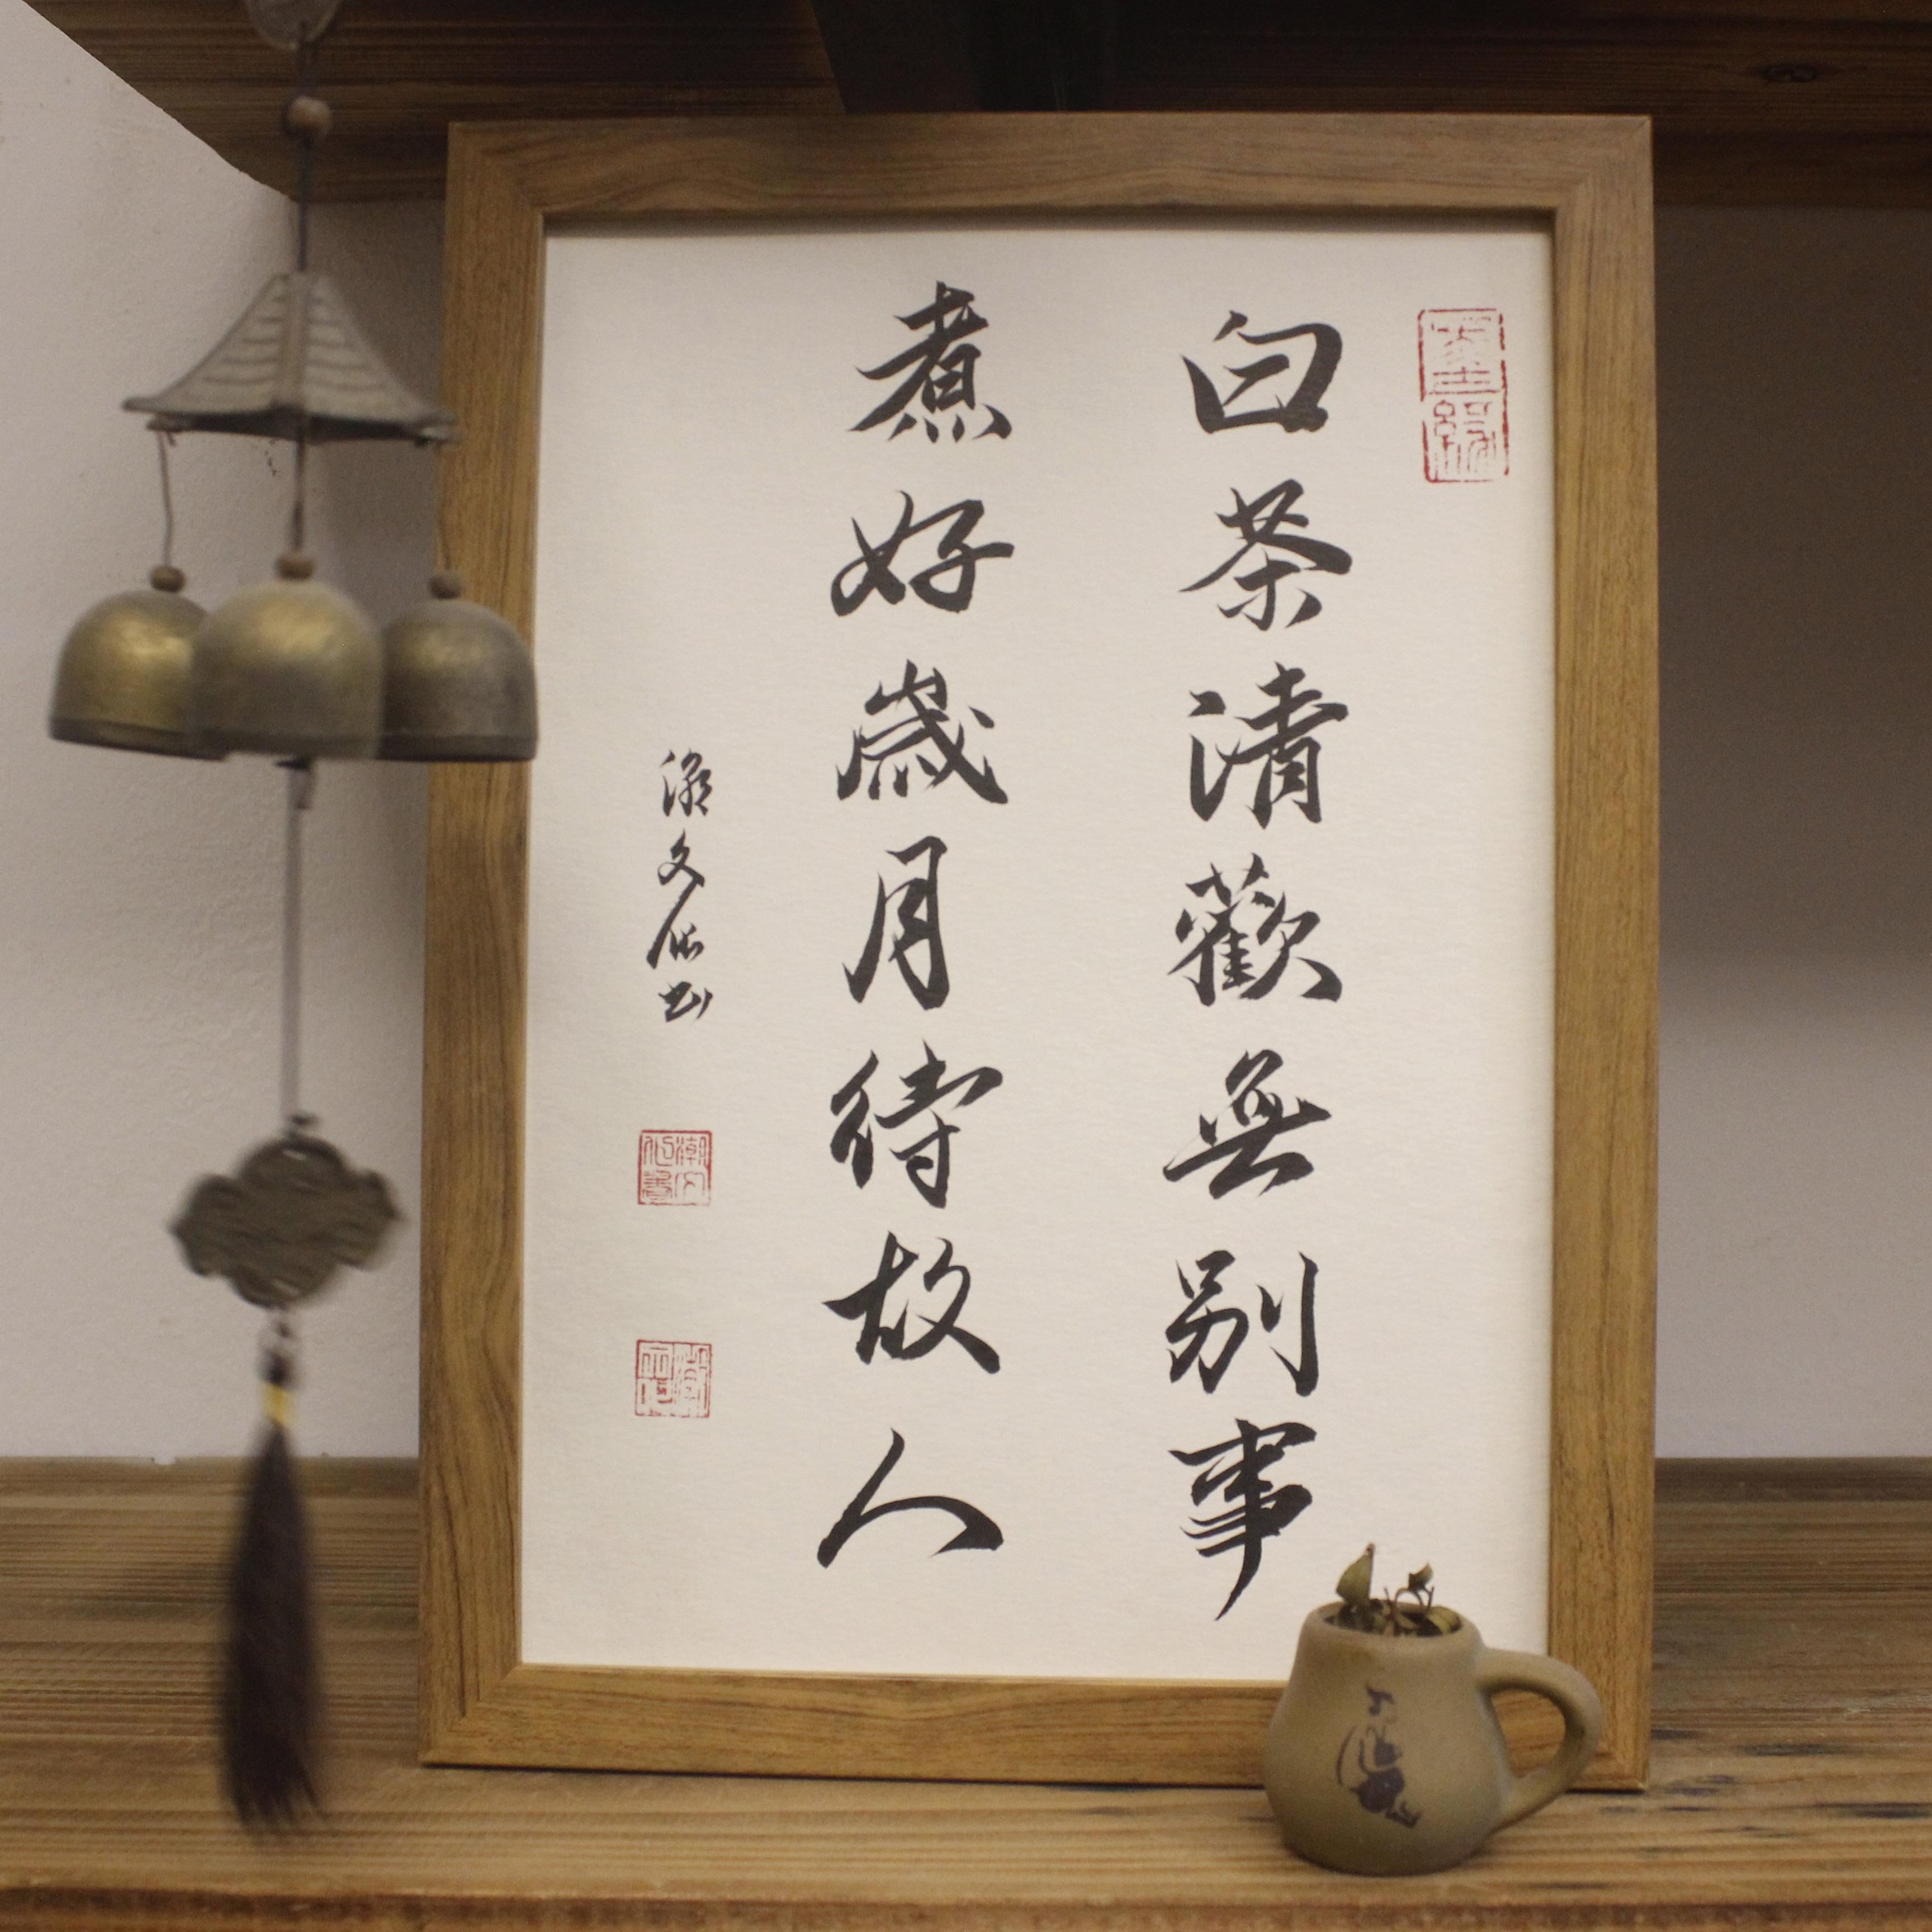 白茶清歡無別事煮好歲月待故人掛畫書法手寫真跡勵志座右銘擺臺個